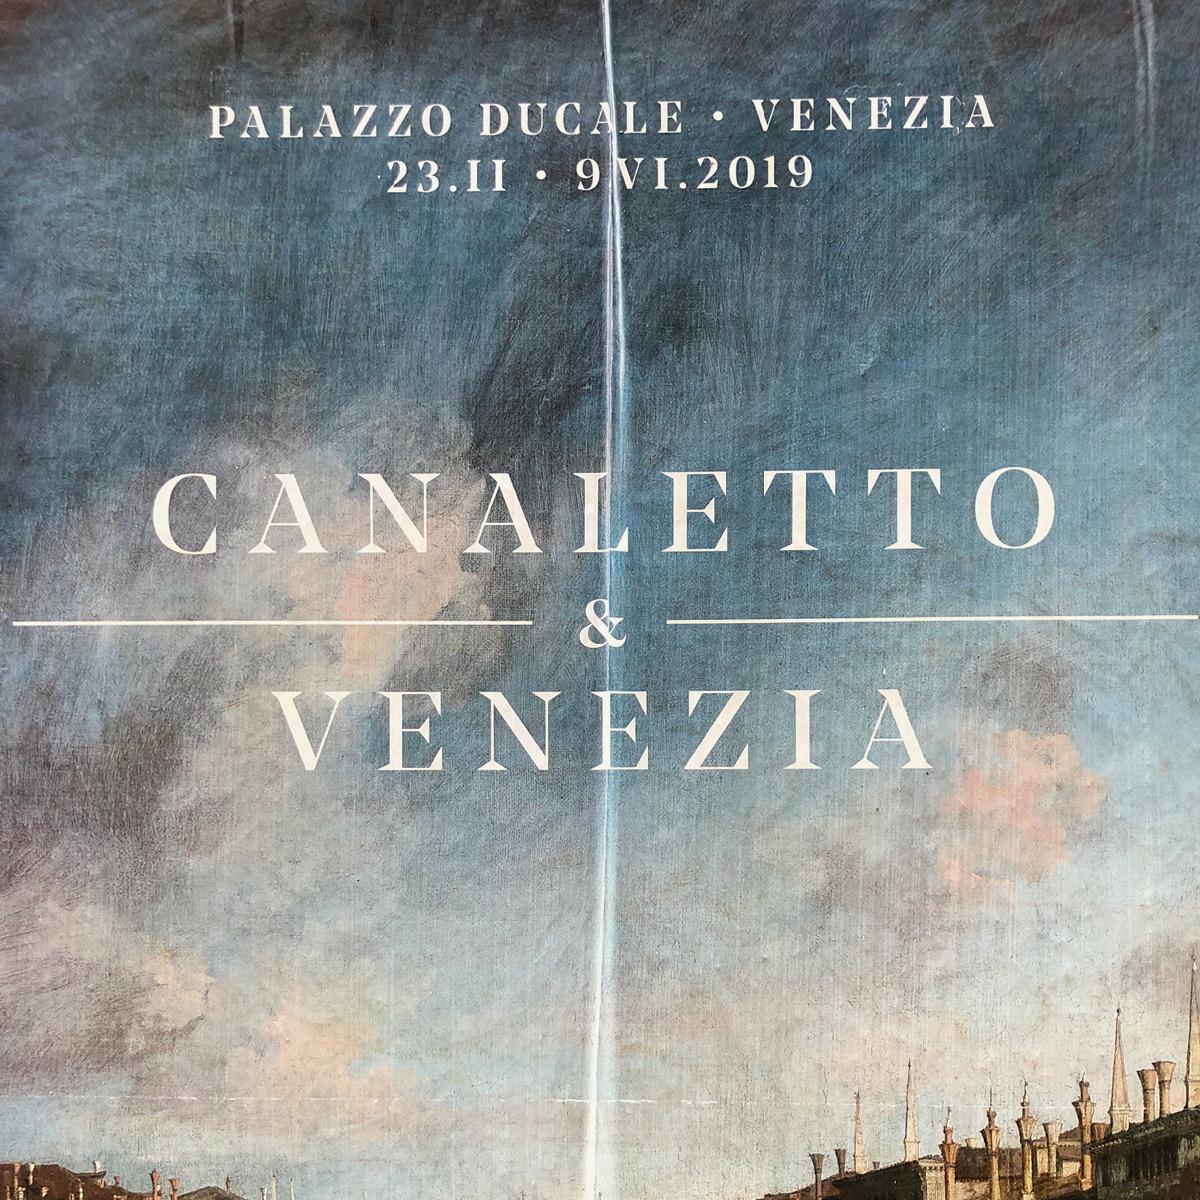 Canaletto-Venezia-004